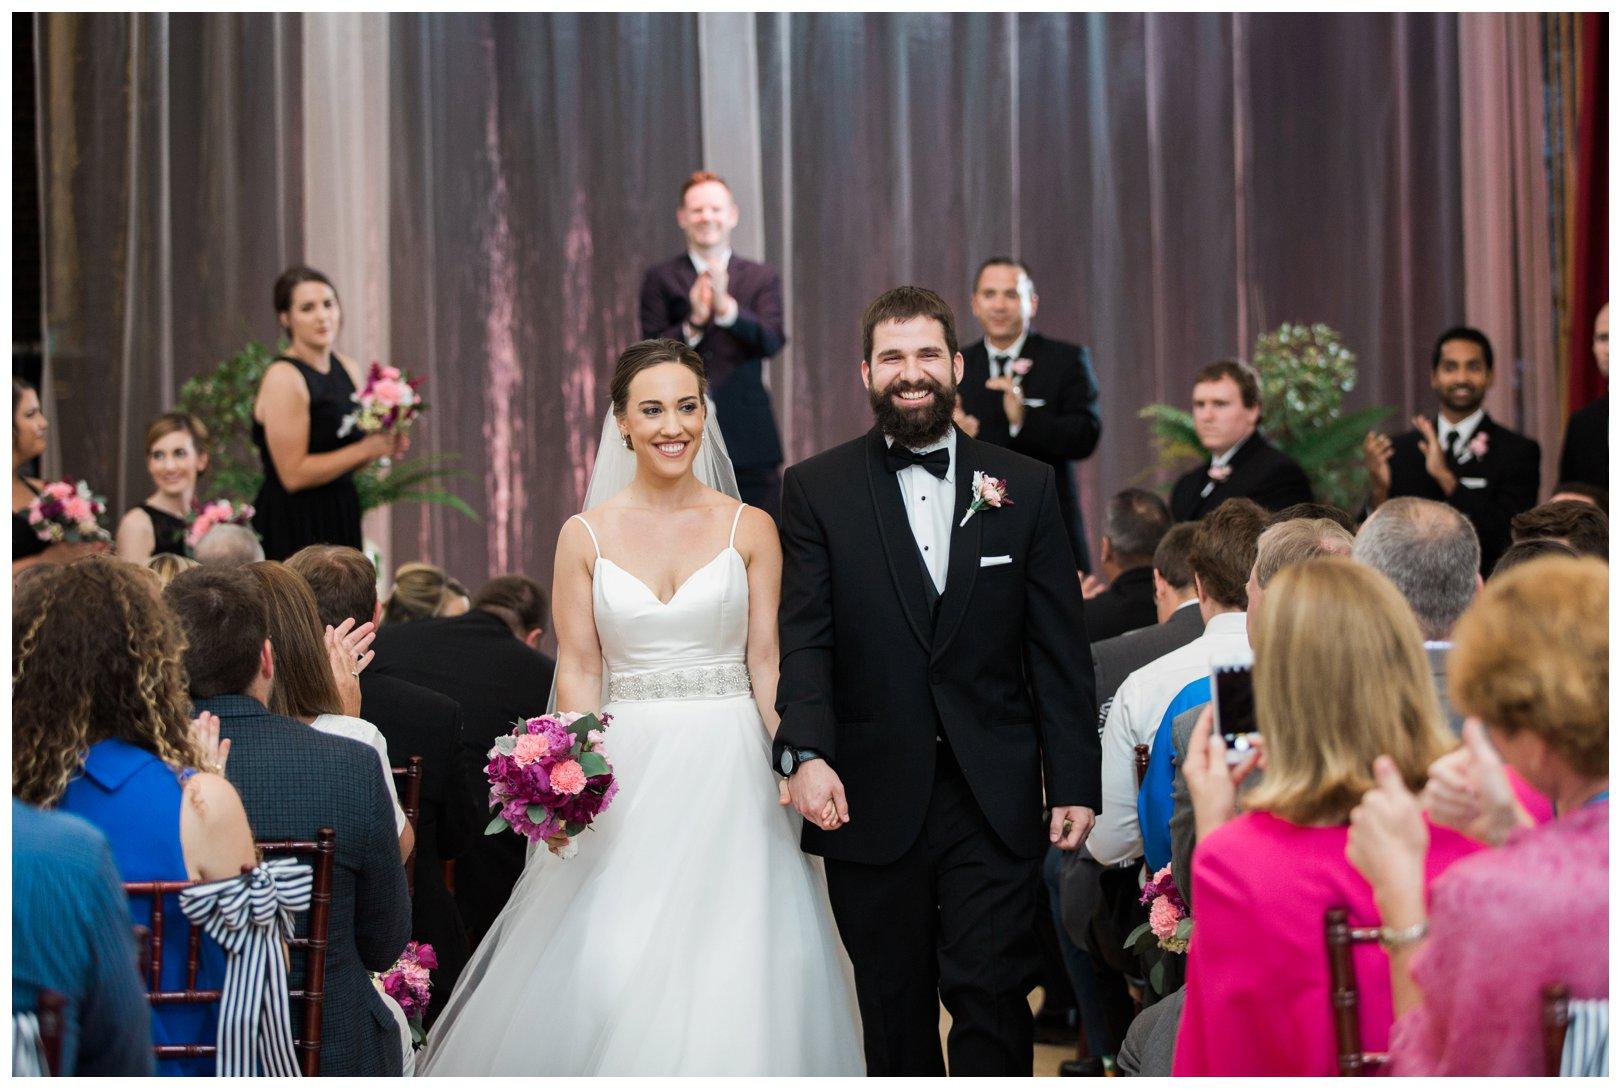 lauren muckler photography_fine art film wedding photography_st louis_photography_1115.jpg